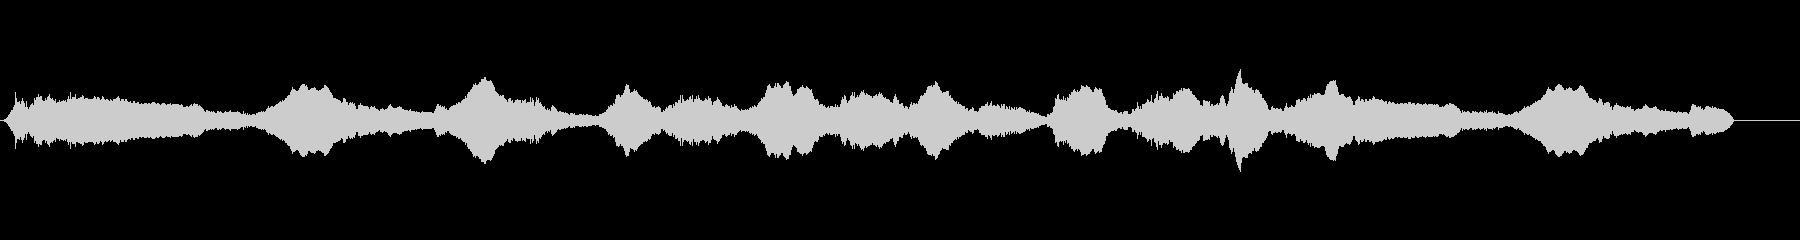 雰囲気、金属振動のある重いハムの未再生の波形